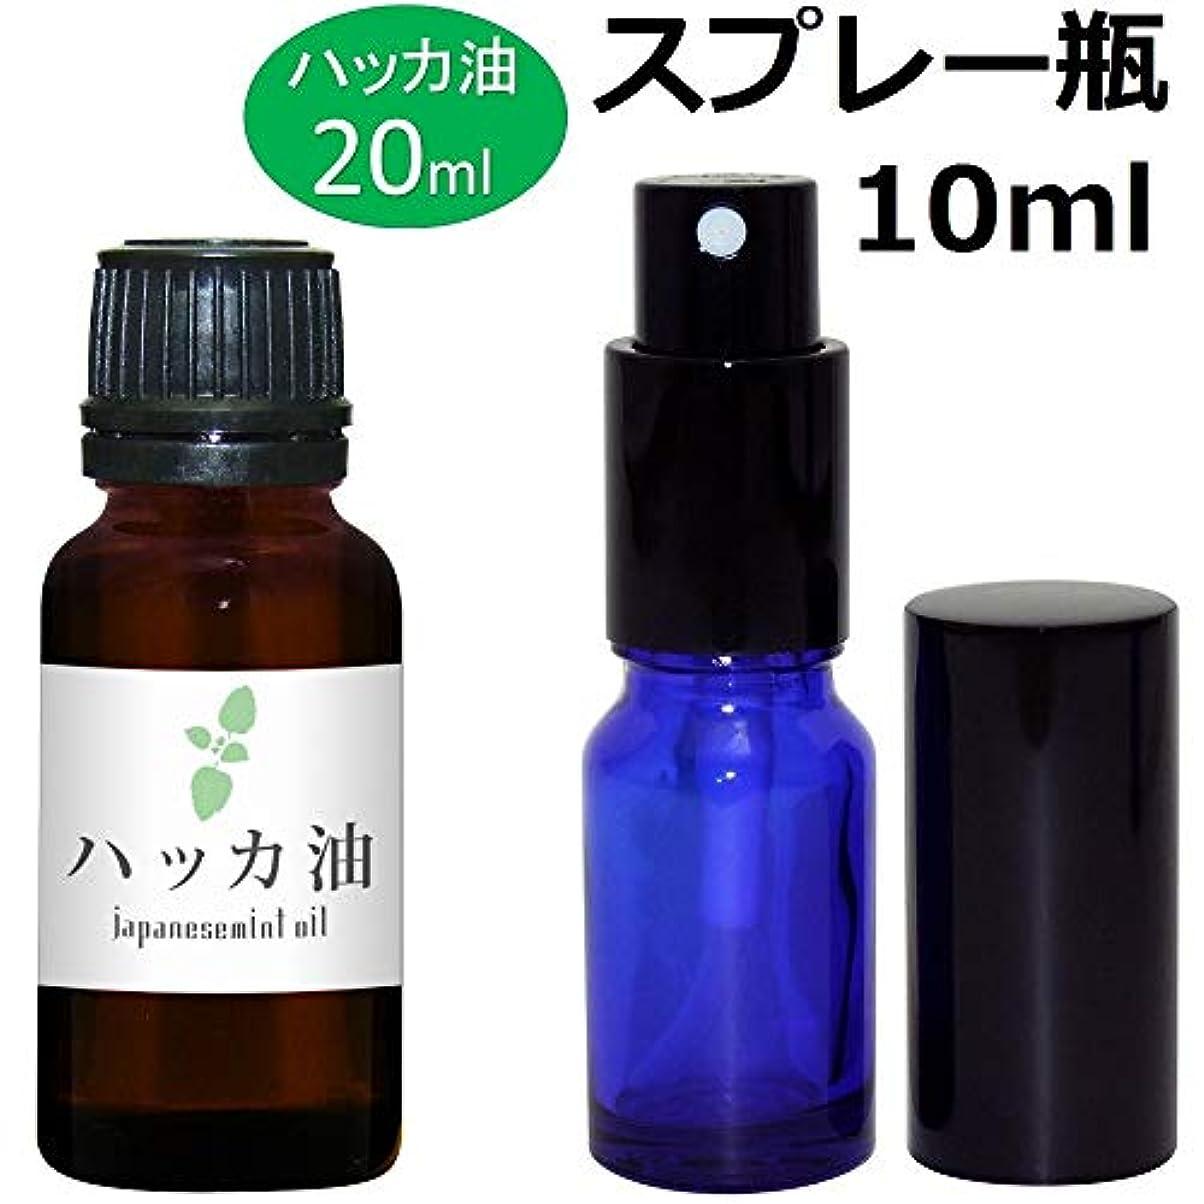 無意味座標忘れるガレージ?ゼロ ハッカ油 20ml(GZAK12)+ガラス瓶 スプレーボトル10ml/和種薄荷/ジャパニーズミント GSE533